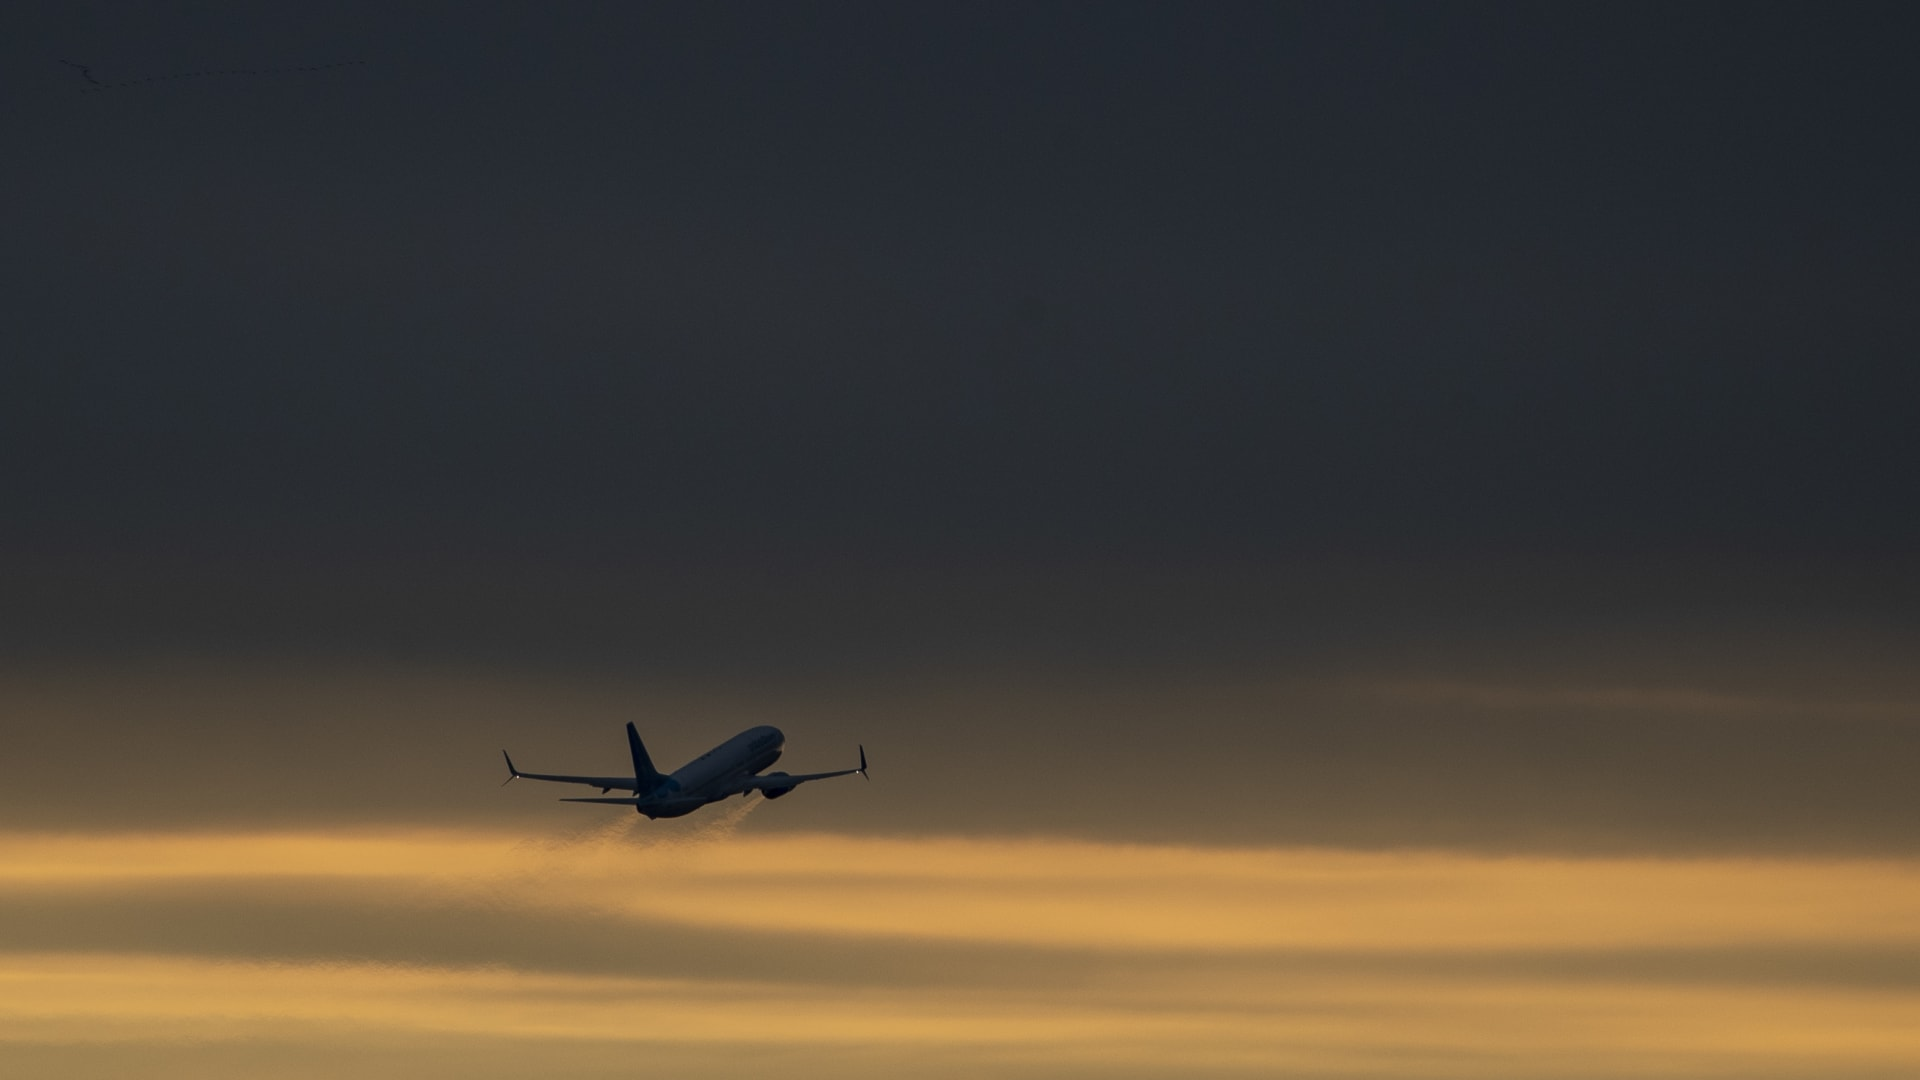 لم تهبط في الموعد المحدد.. فقدان الاتصال بطائرة ركاب روسية